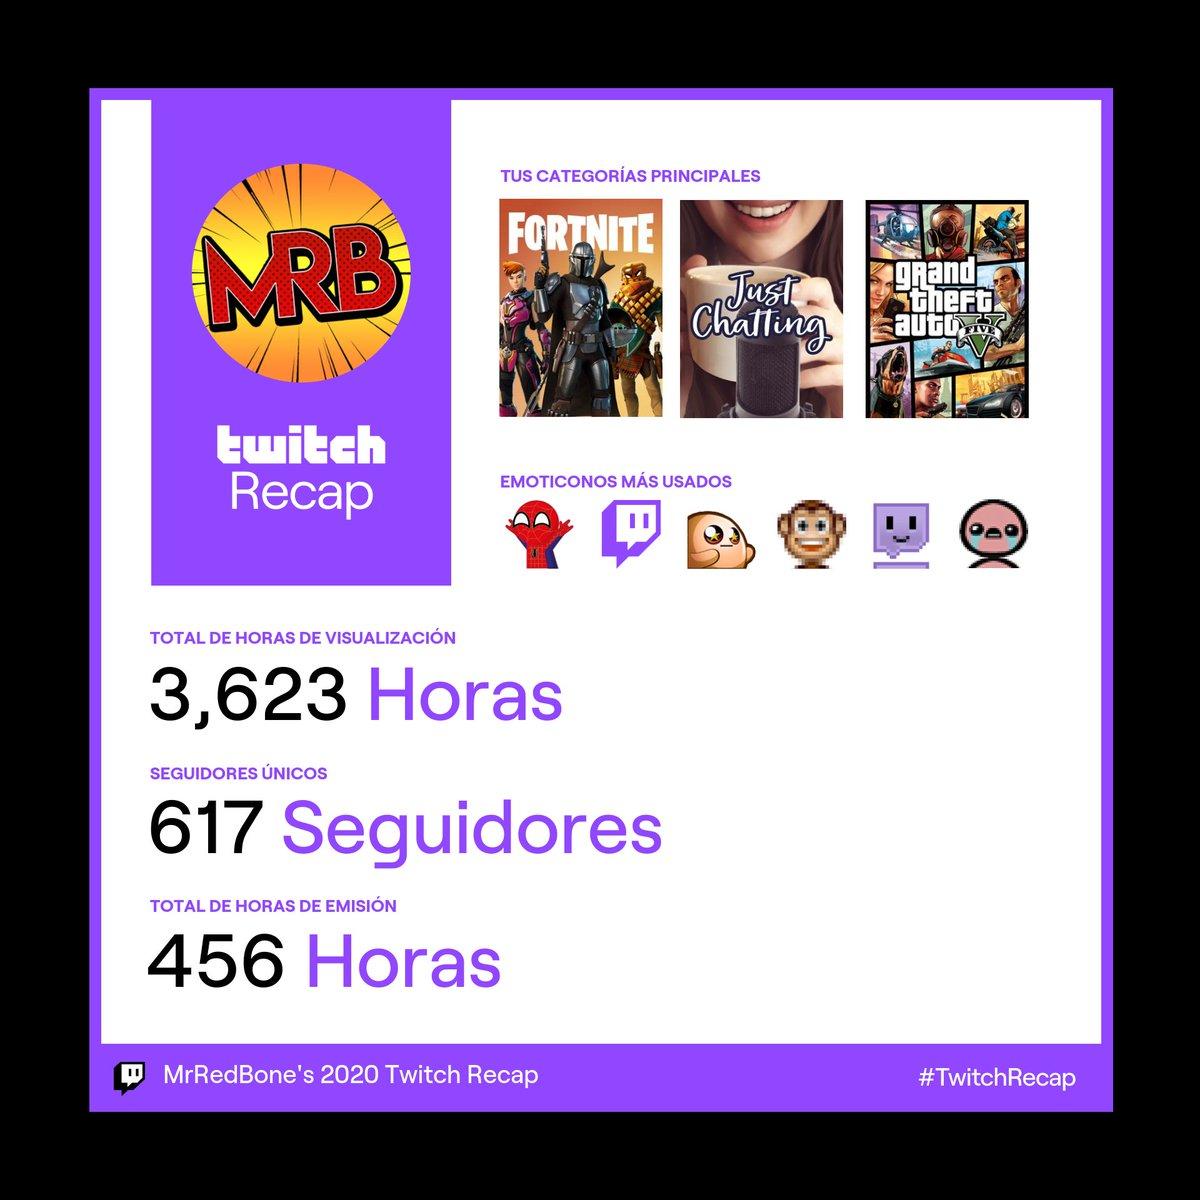 Este es mi #TwitchRecap, de hecho en unos días cumplimos 1 año desde que comencé a hacer streams diarios y si se nota la diferencia y el crecimiento a comparación del año pasado. Muchas gracias! :D